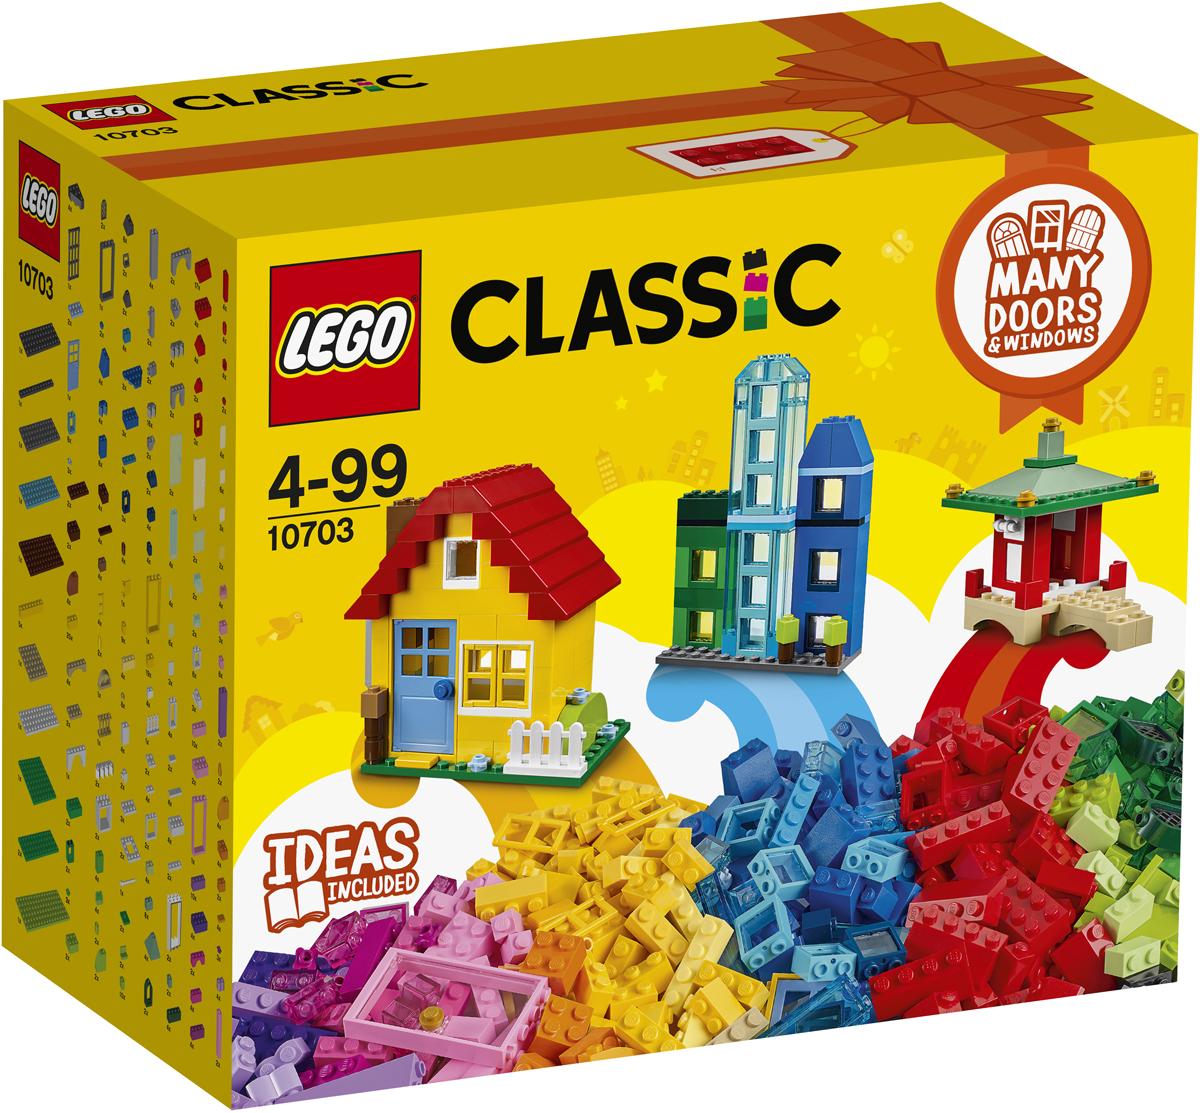 LEGO Classic Конструктор Набор для творческого конструирования 1070310703Открой бесконечный мир весёлых и креативных игр с набором из серии LEGO Classic, в который входят двери, окна, кубики и специальные элементы ярких цветов. Собирай симпатичные домики, интересные магазины, уютные кафе, пагоды в восточном стиле, волшебные замки и многое другое. Идеи для вдохновения можно найти в прилагаемом буклете или в Интернете. Придумывай, собирай и играй с наборами LEGO Classic!